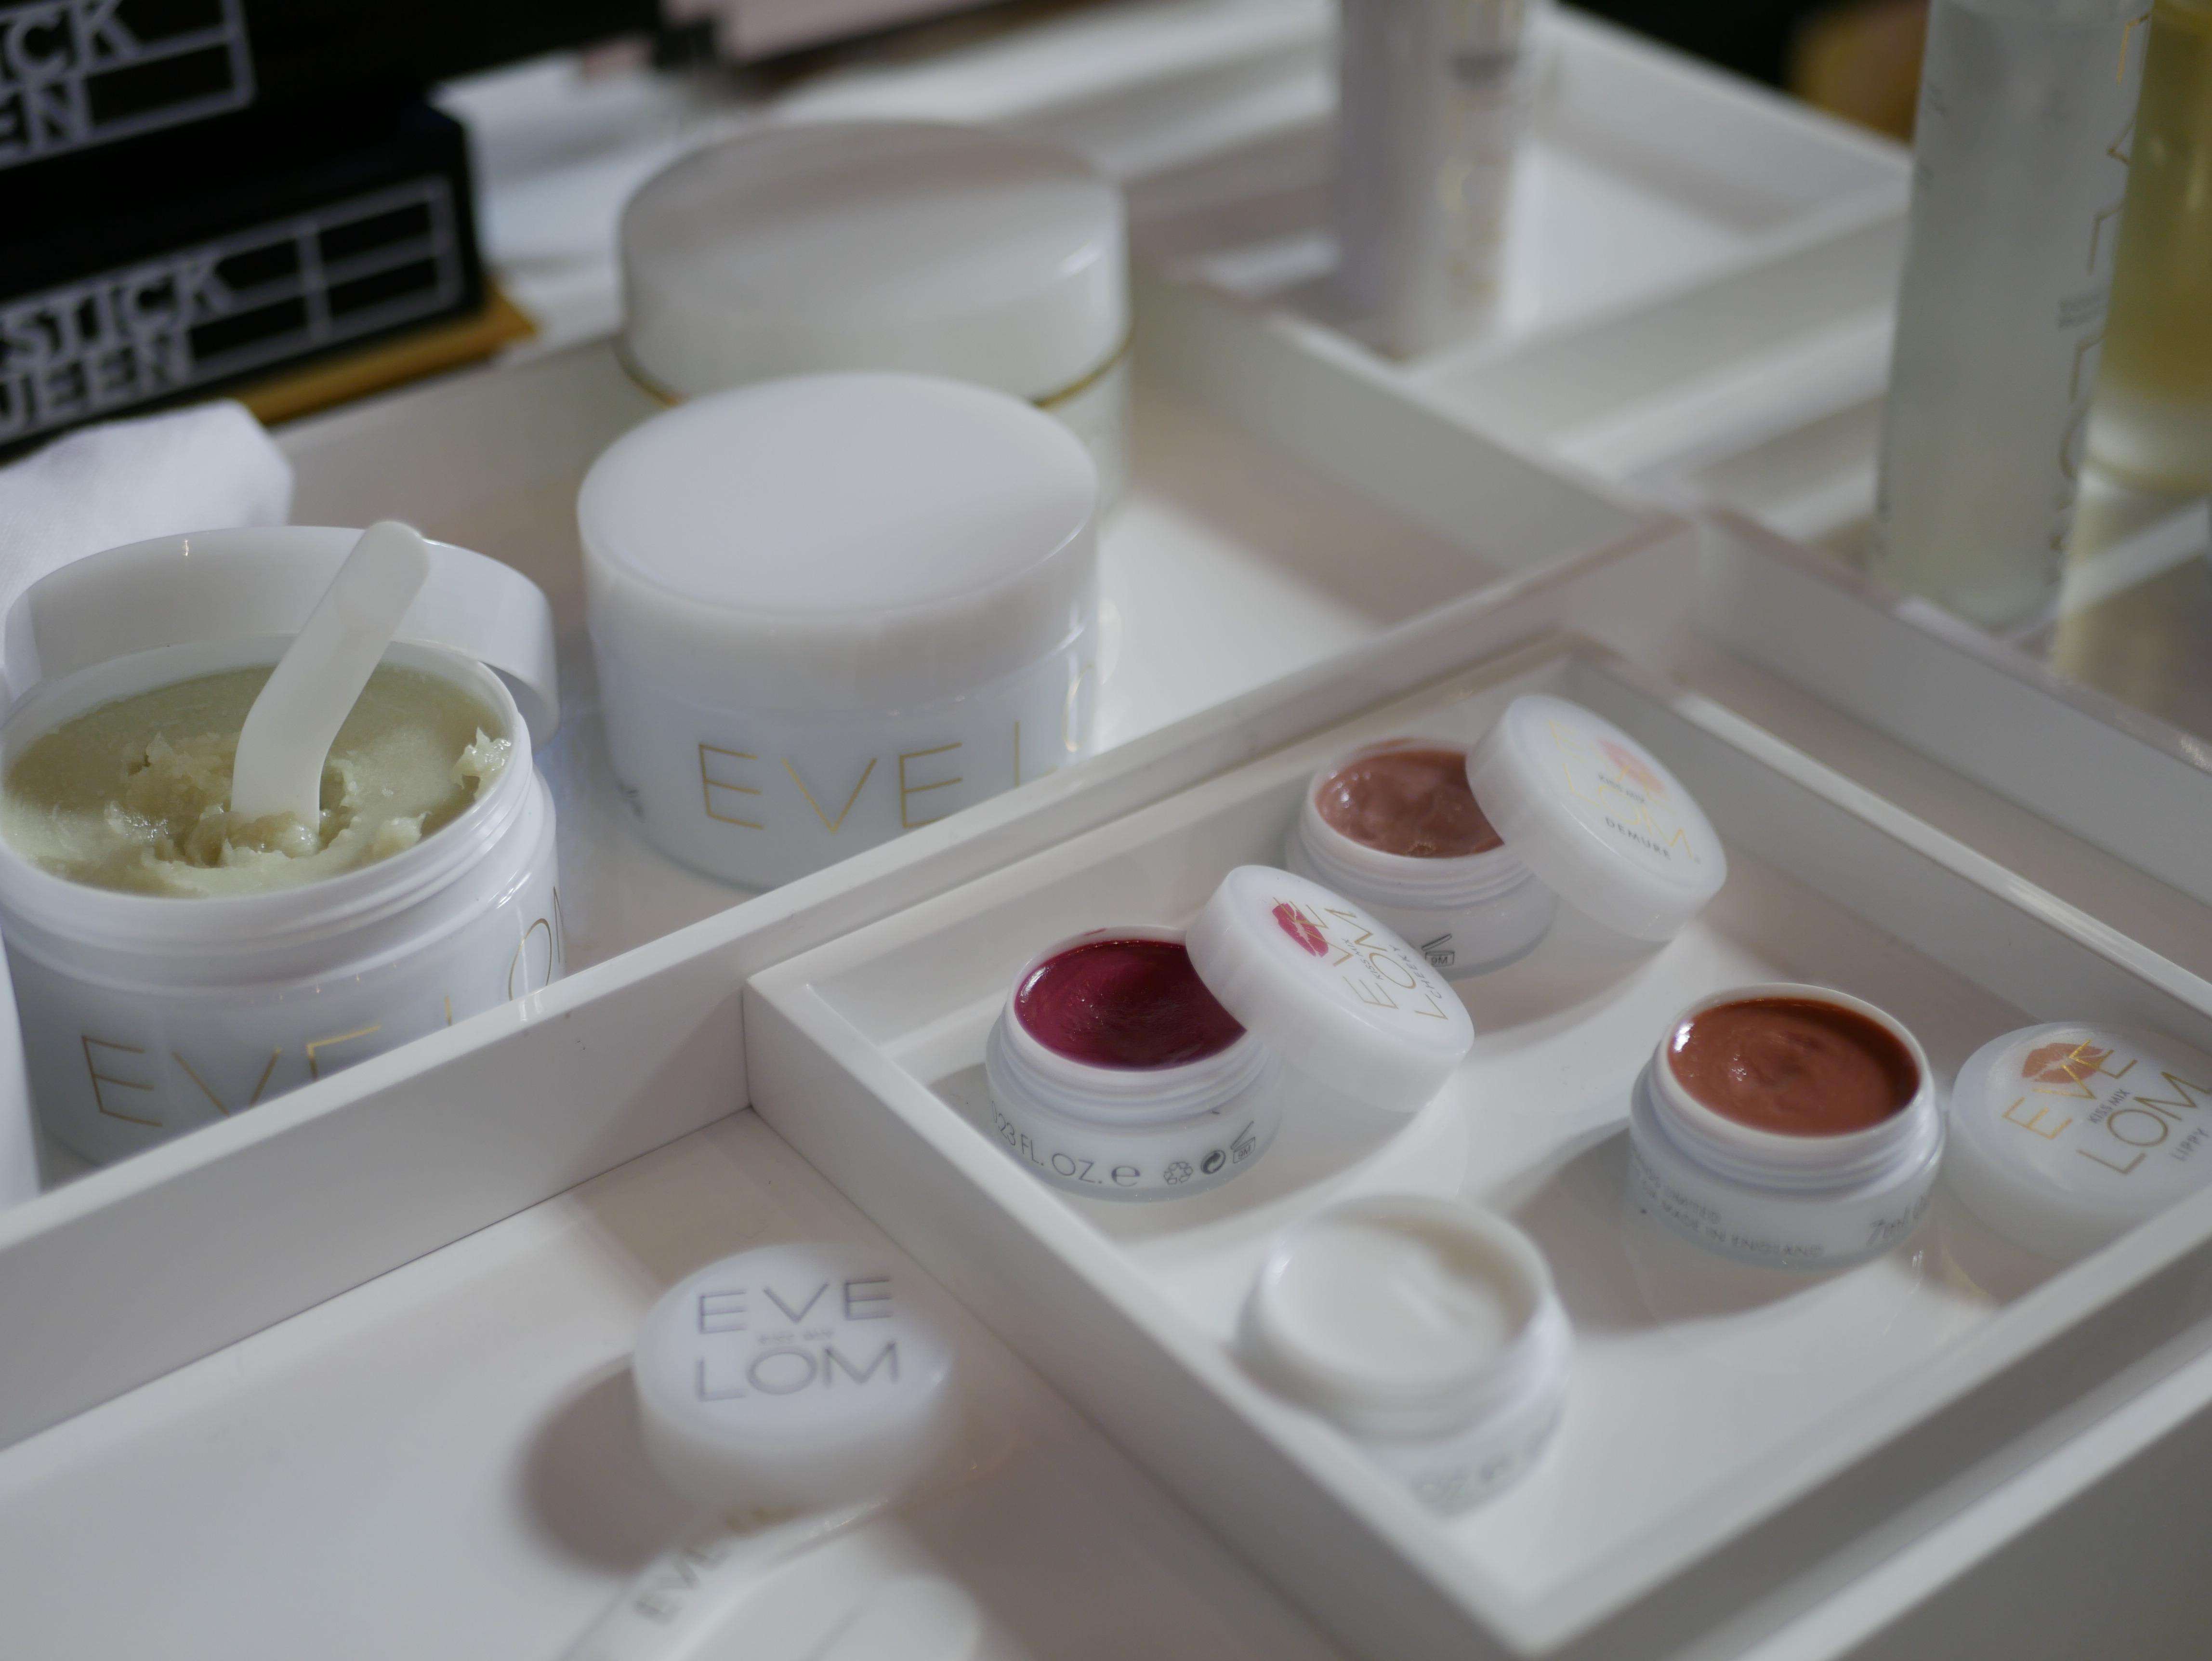 Eve Lom visade upp pigmentstarka multiprodukter i sin monter